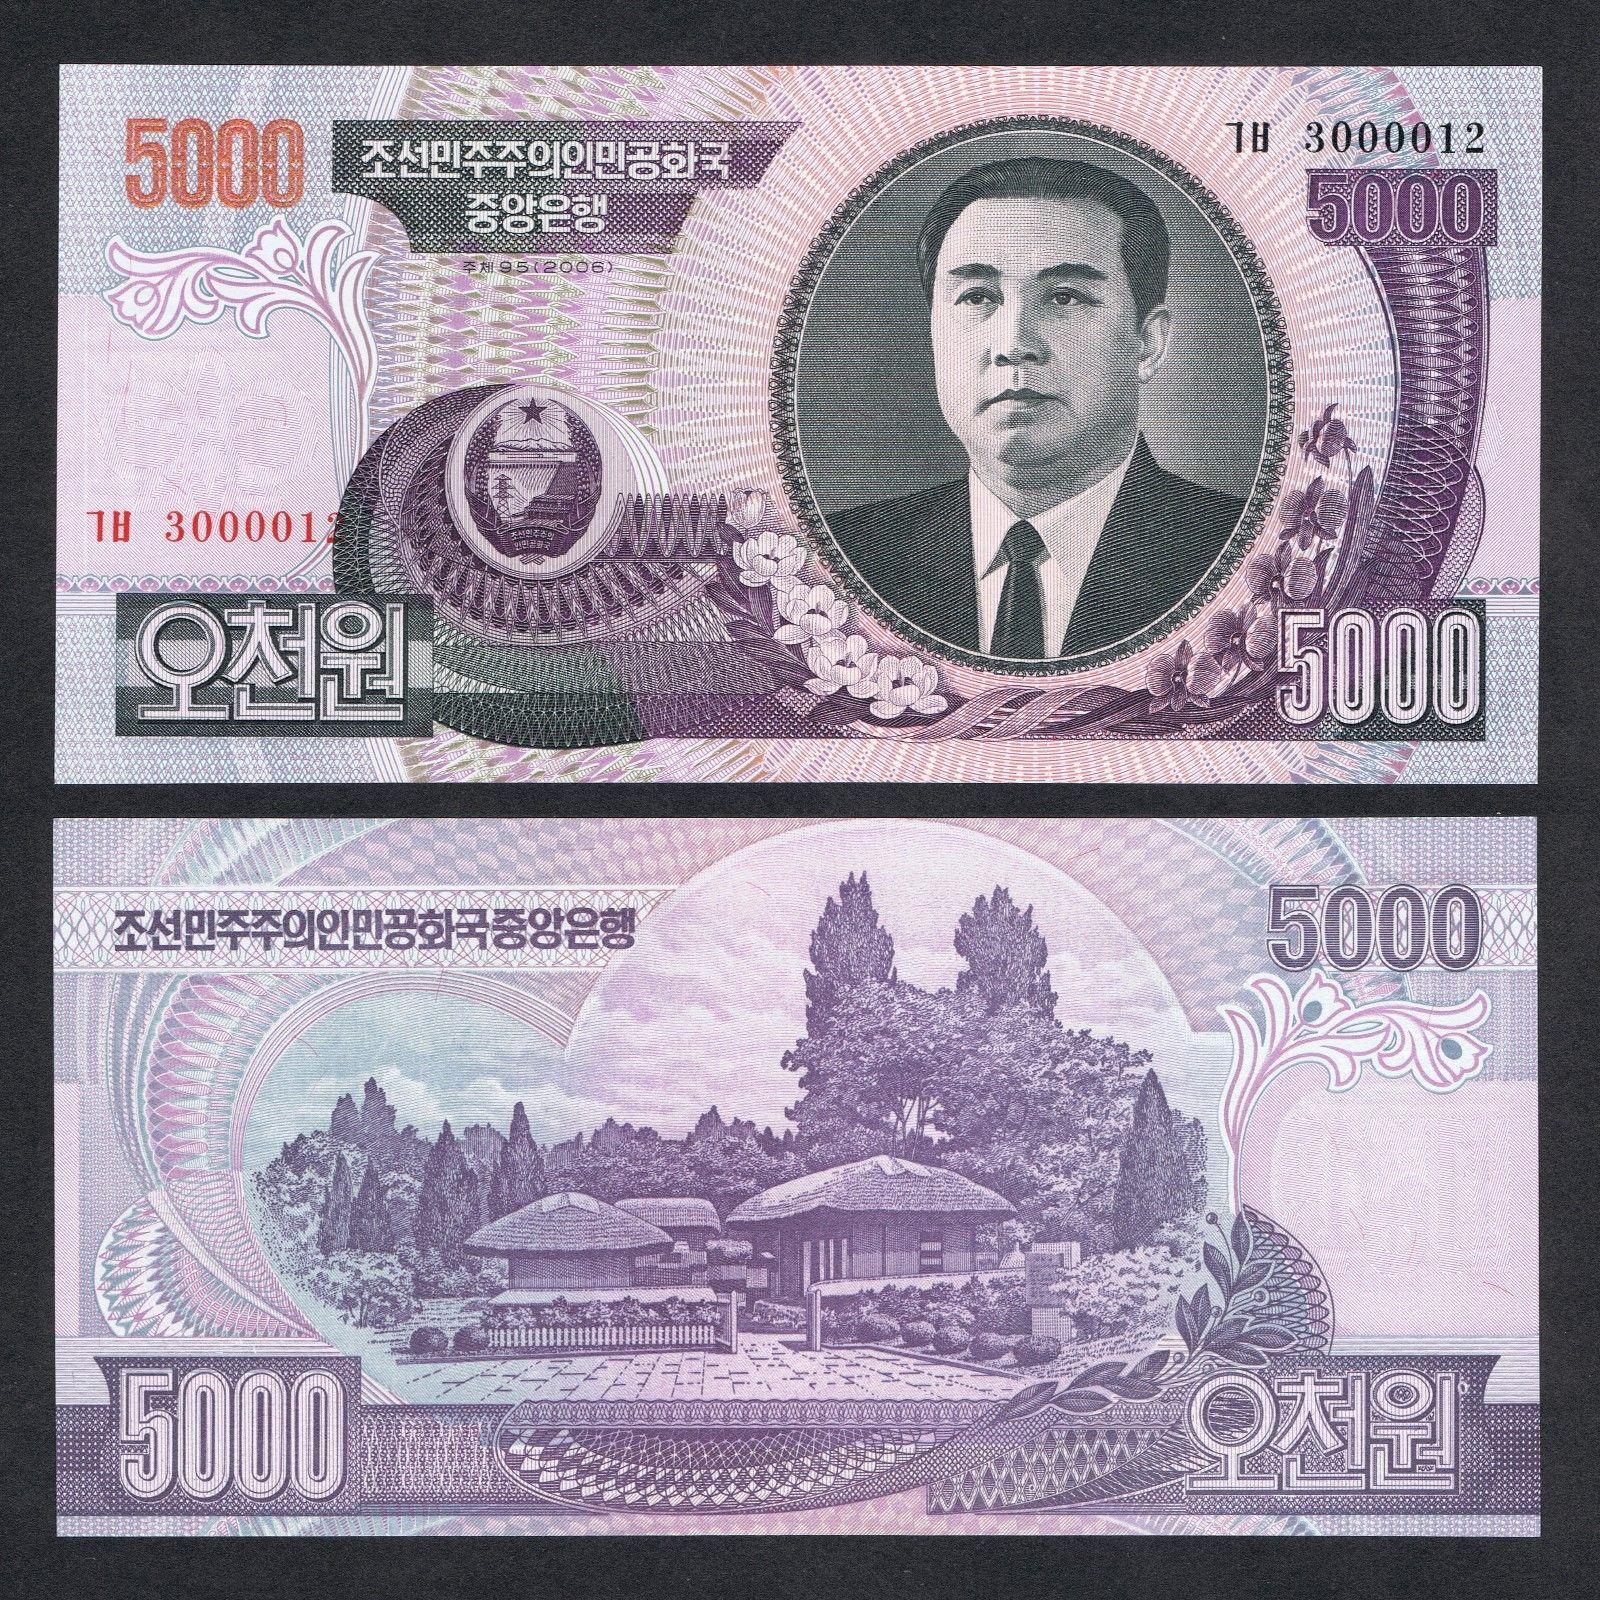 Северокорейская коллекция банкнот 5000 KPW Корея-Север выиграла Аутентичные валюты нециркулированные коллекторы банкнот